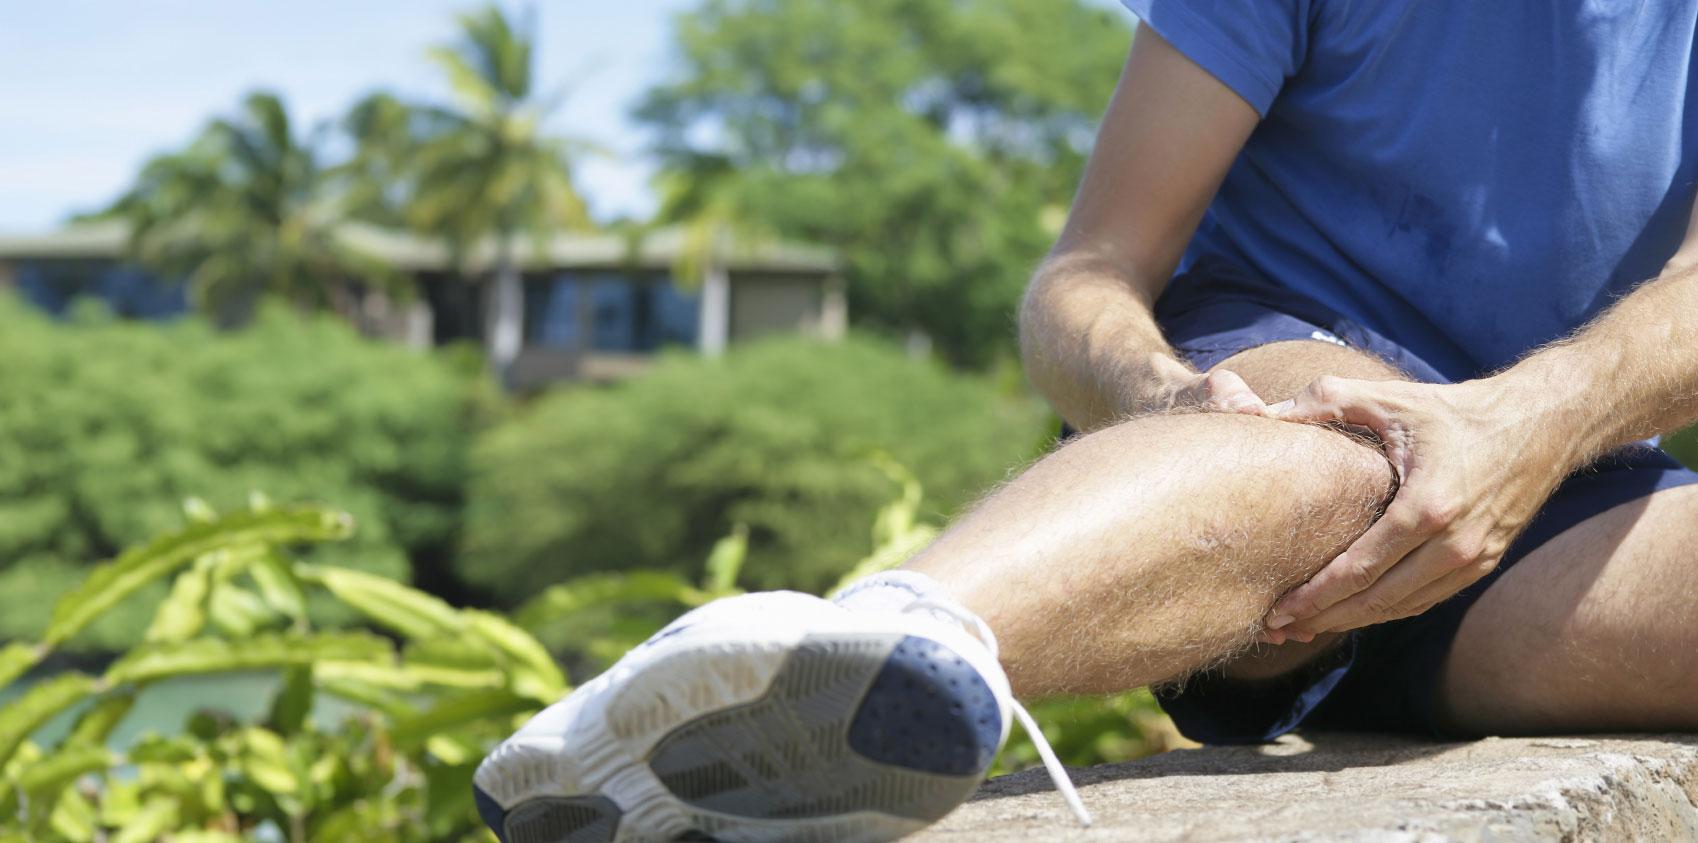 <div class='slider_caption'> <h1>Sports Injuries</h1> <a class='slider-readmore' href='sports-injuries'>Read More</a>   </div>